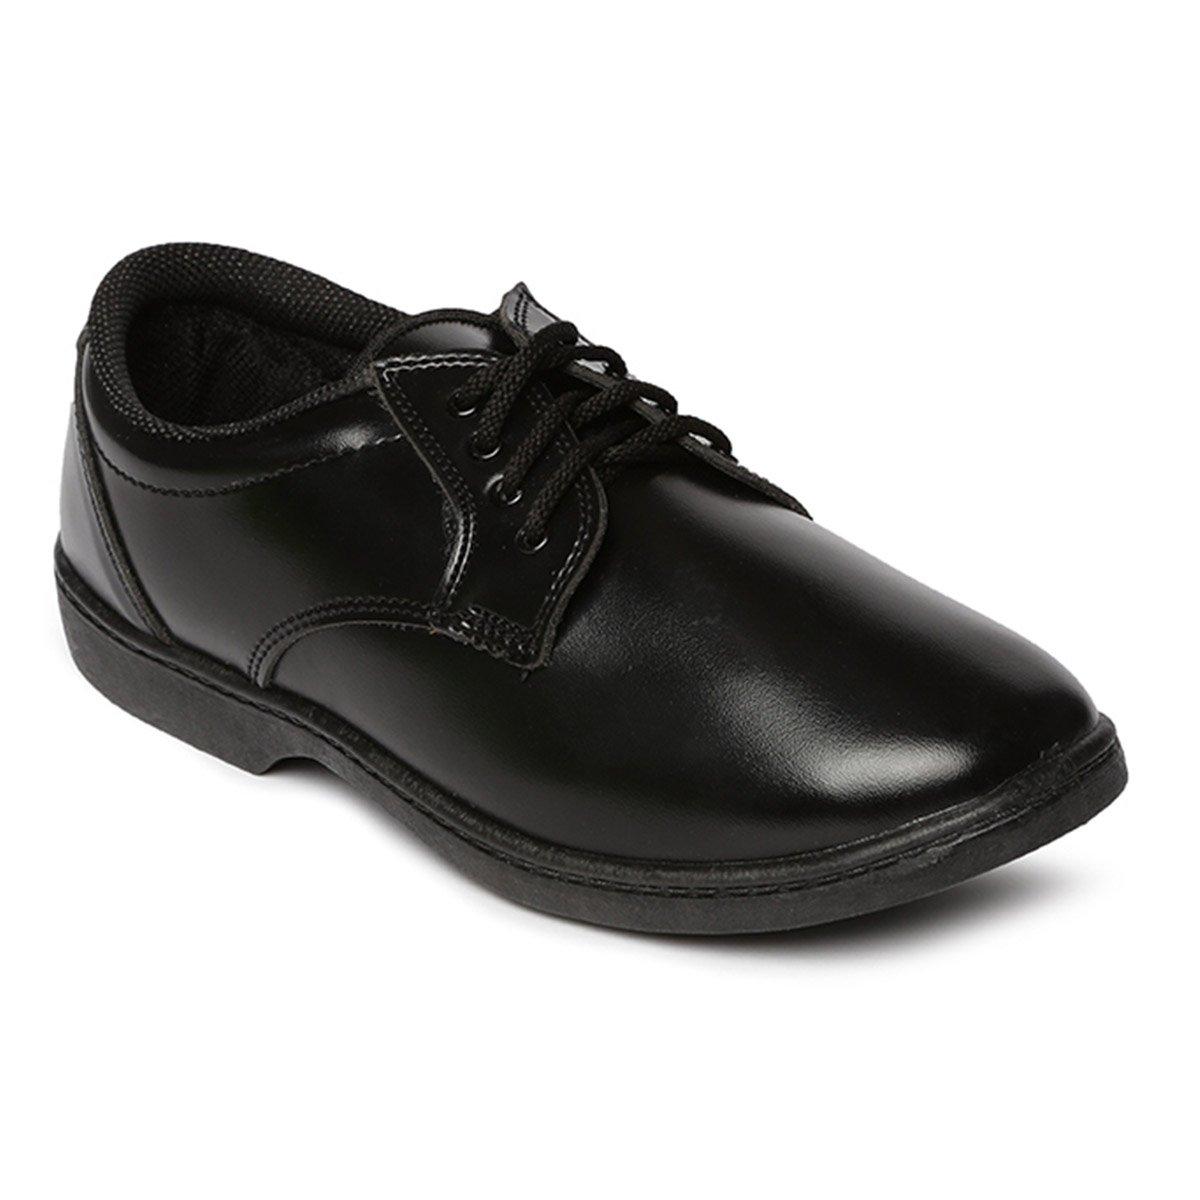 Buy Paragon Men's Uniform Shoes at